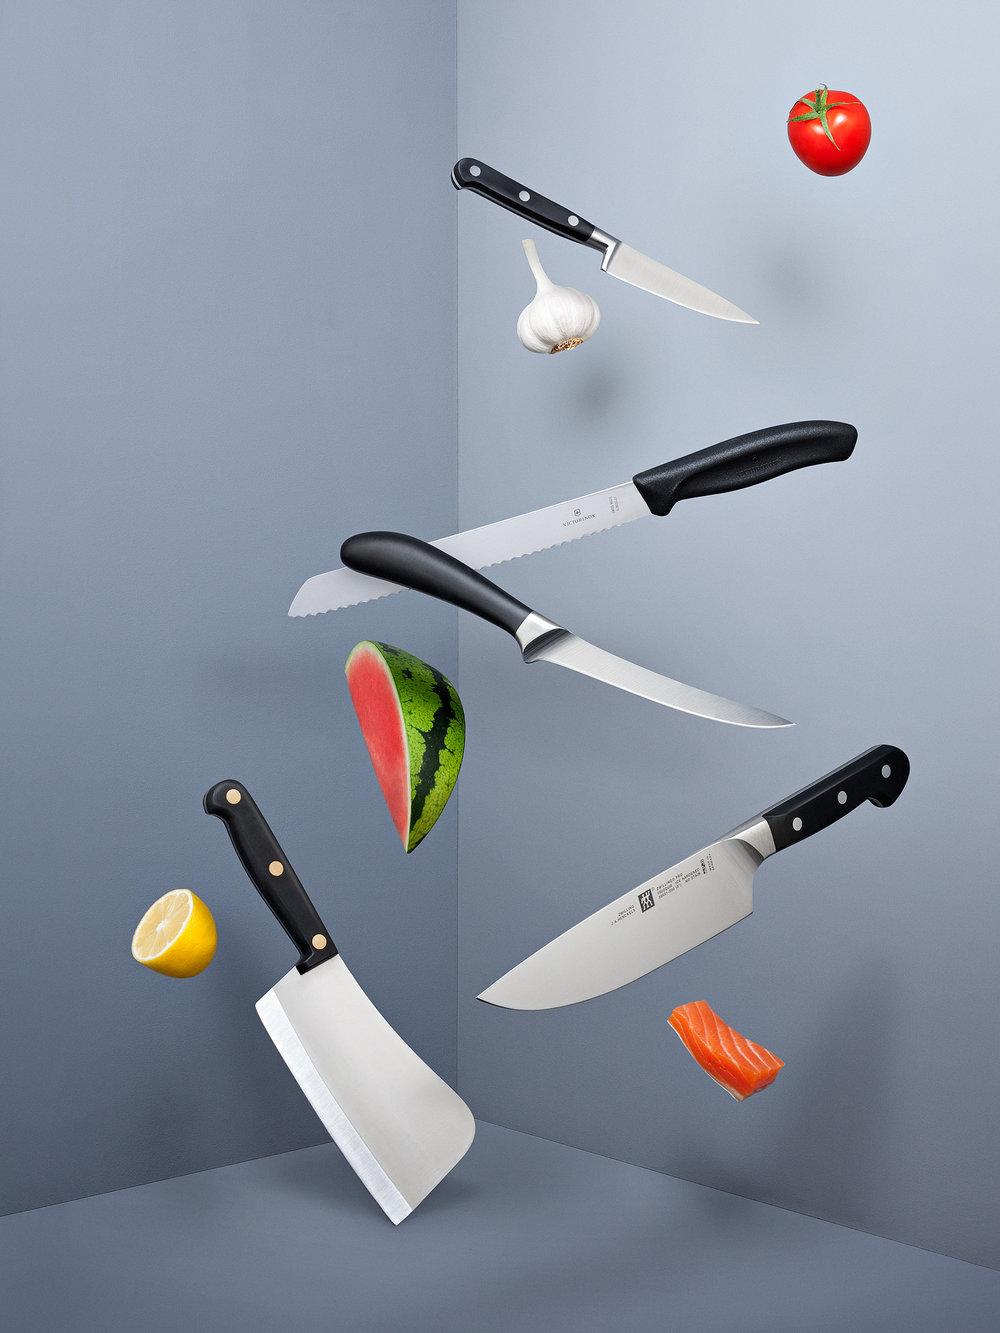 robvanderplank-kitchenware-test-1-update-v1.jpg